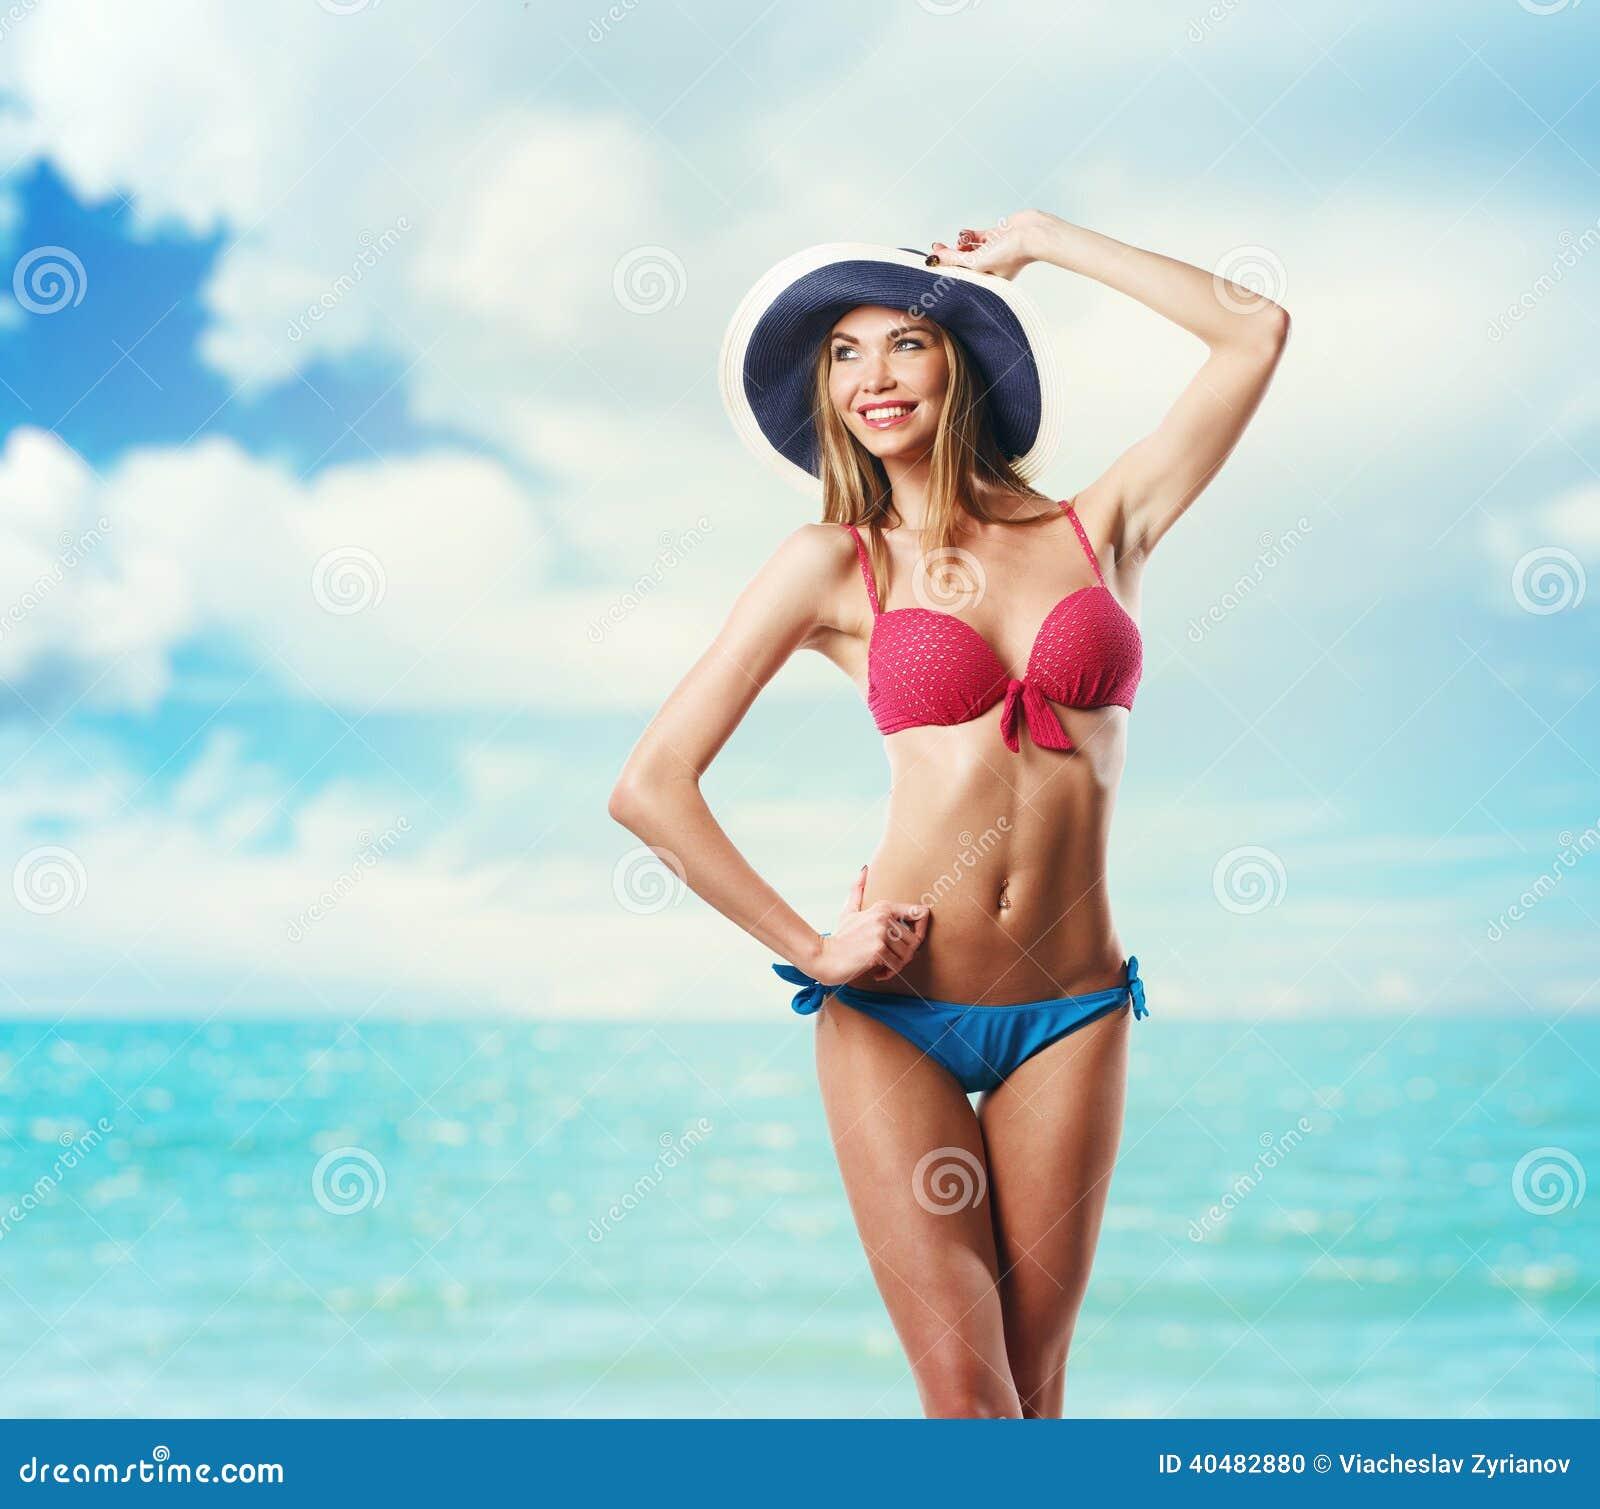 Happy Beautiful Woman In Bikini And Hat On The Beach Stock